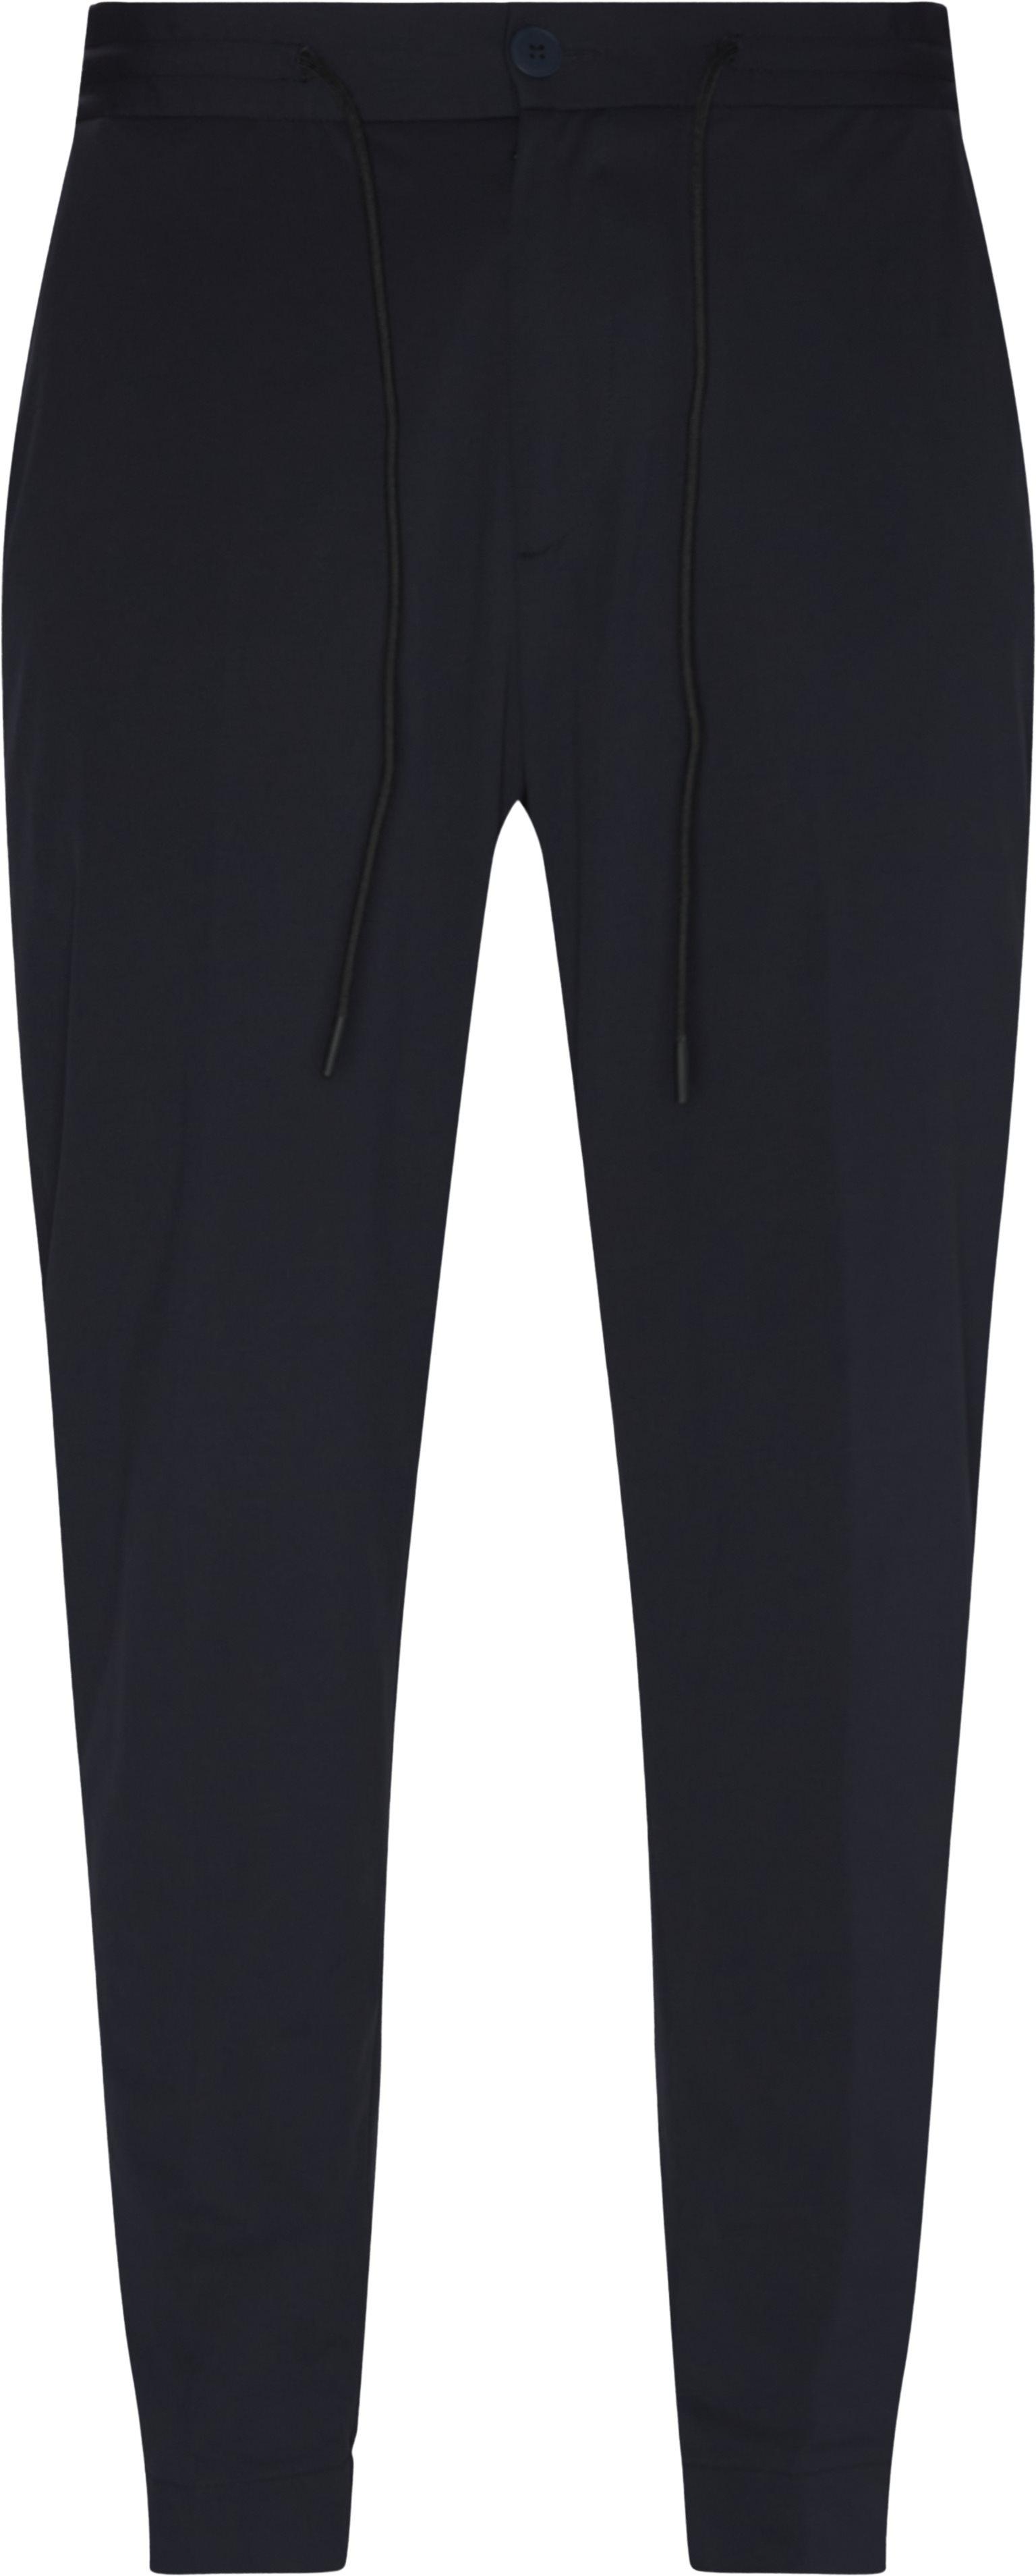 Bukser - Regular fit - Blå